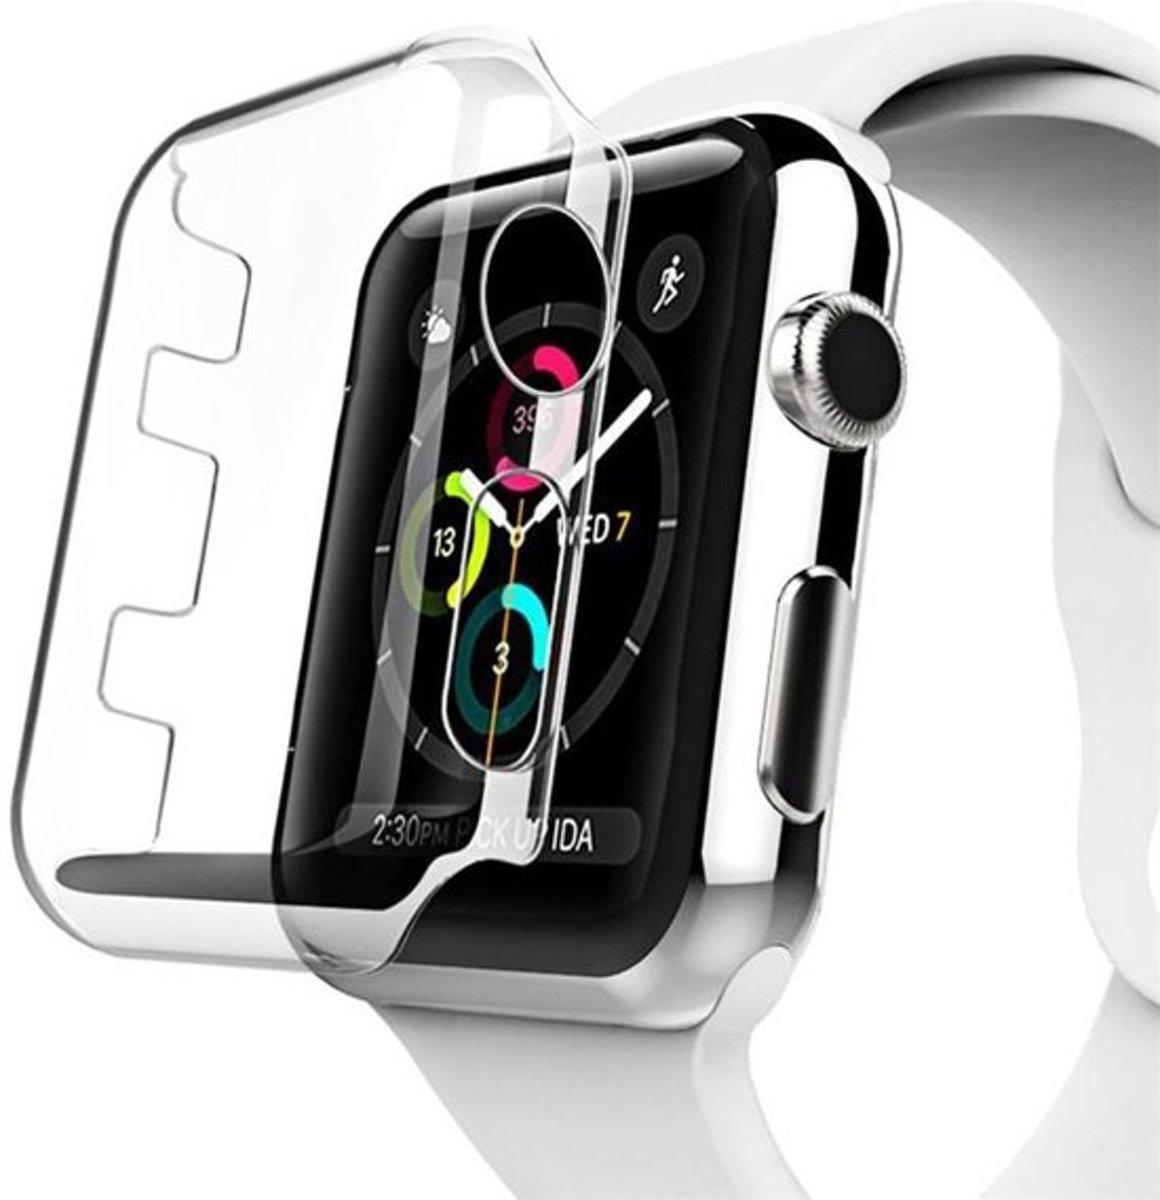 KELERINO. Screen Cover voor Apple Watch Hard Plastic - 2/3rd gen 42mm kopen